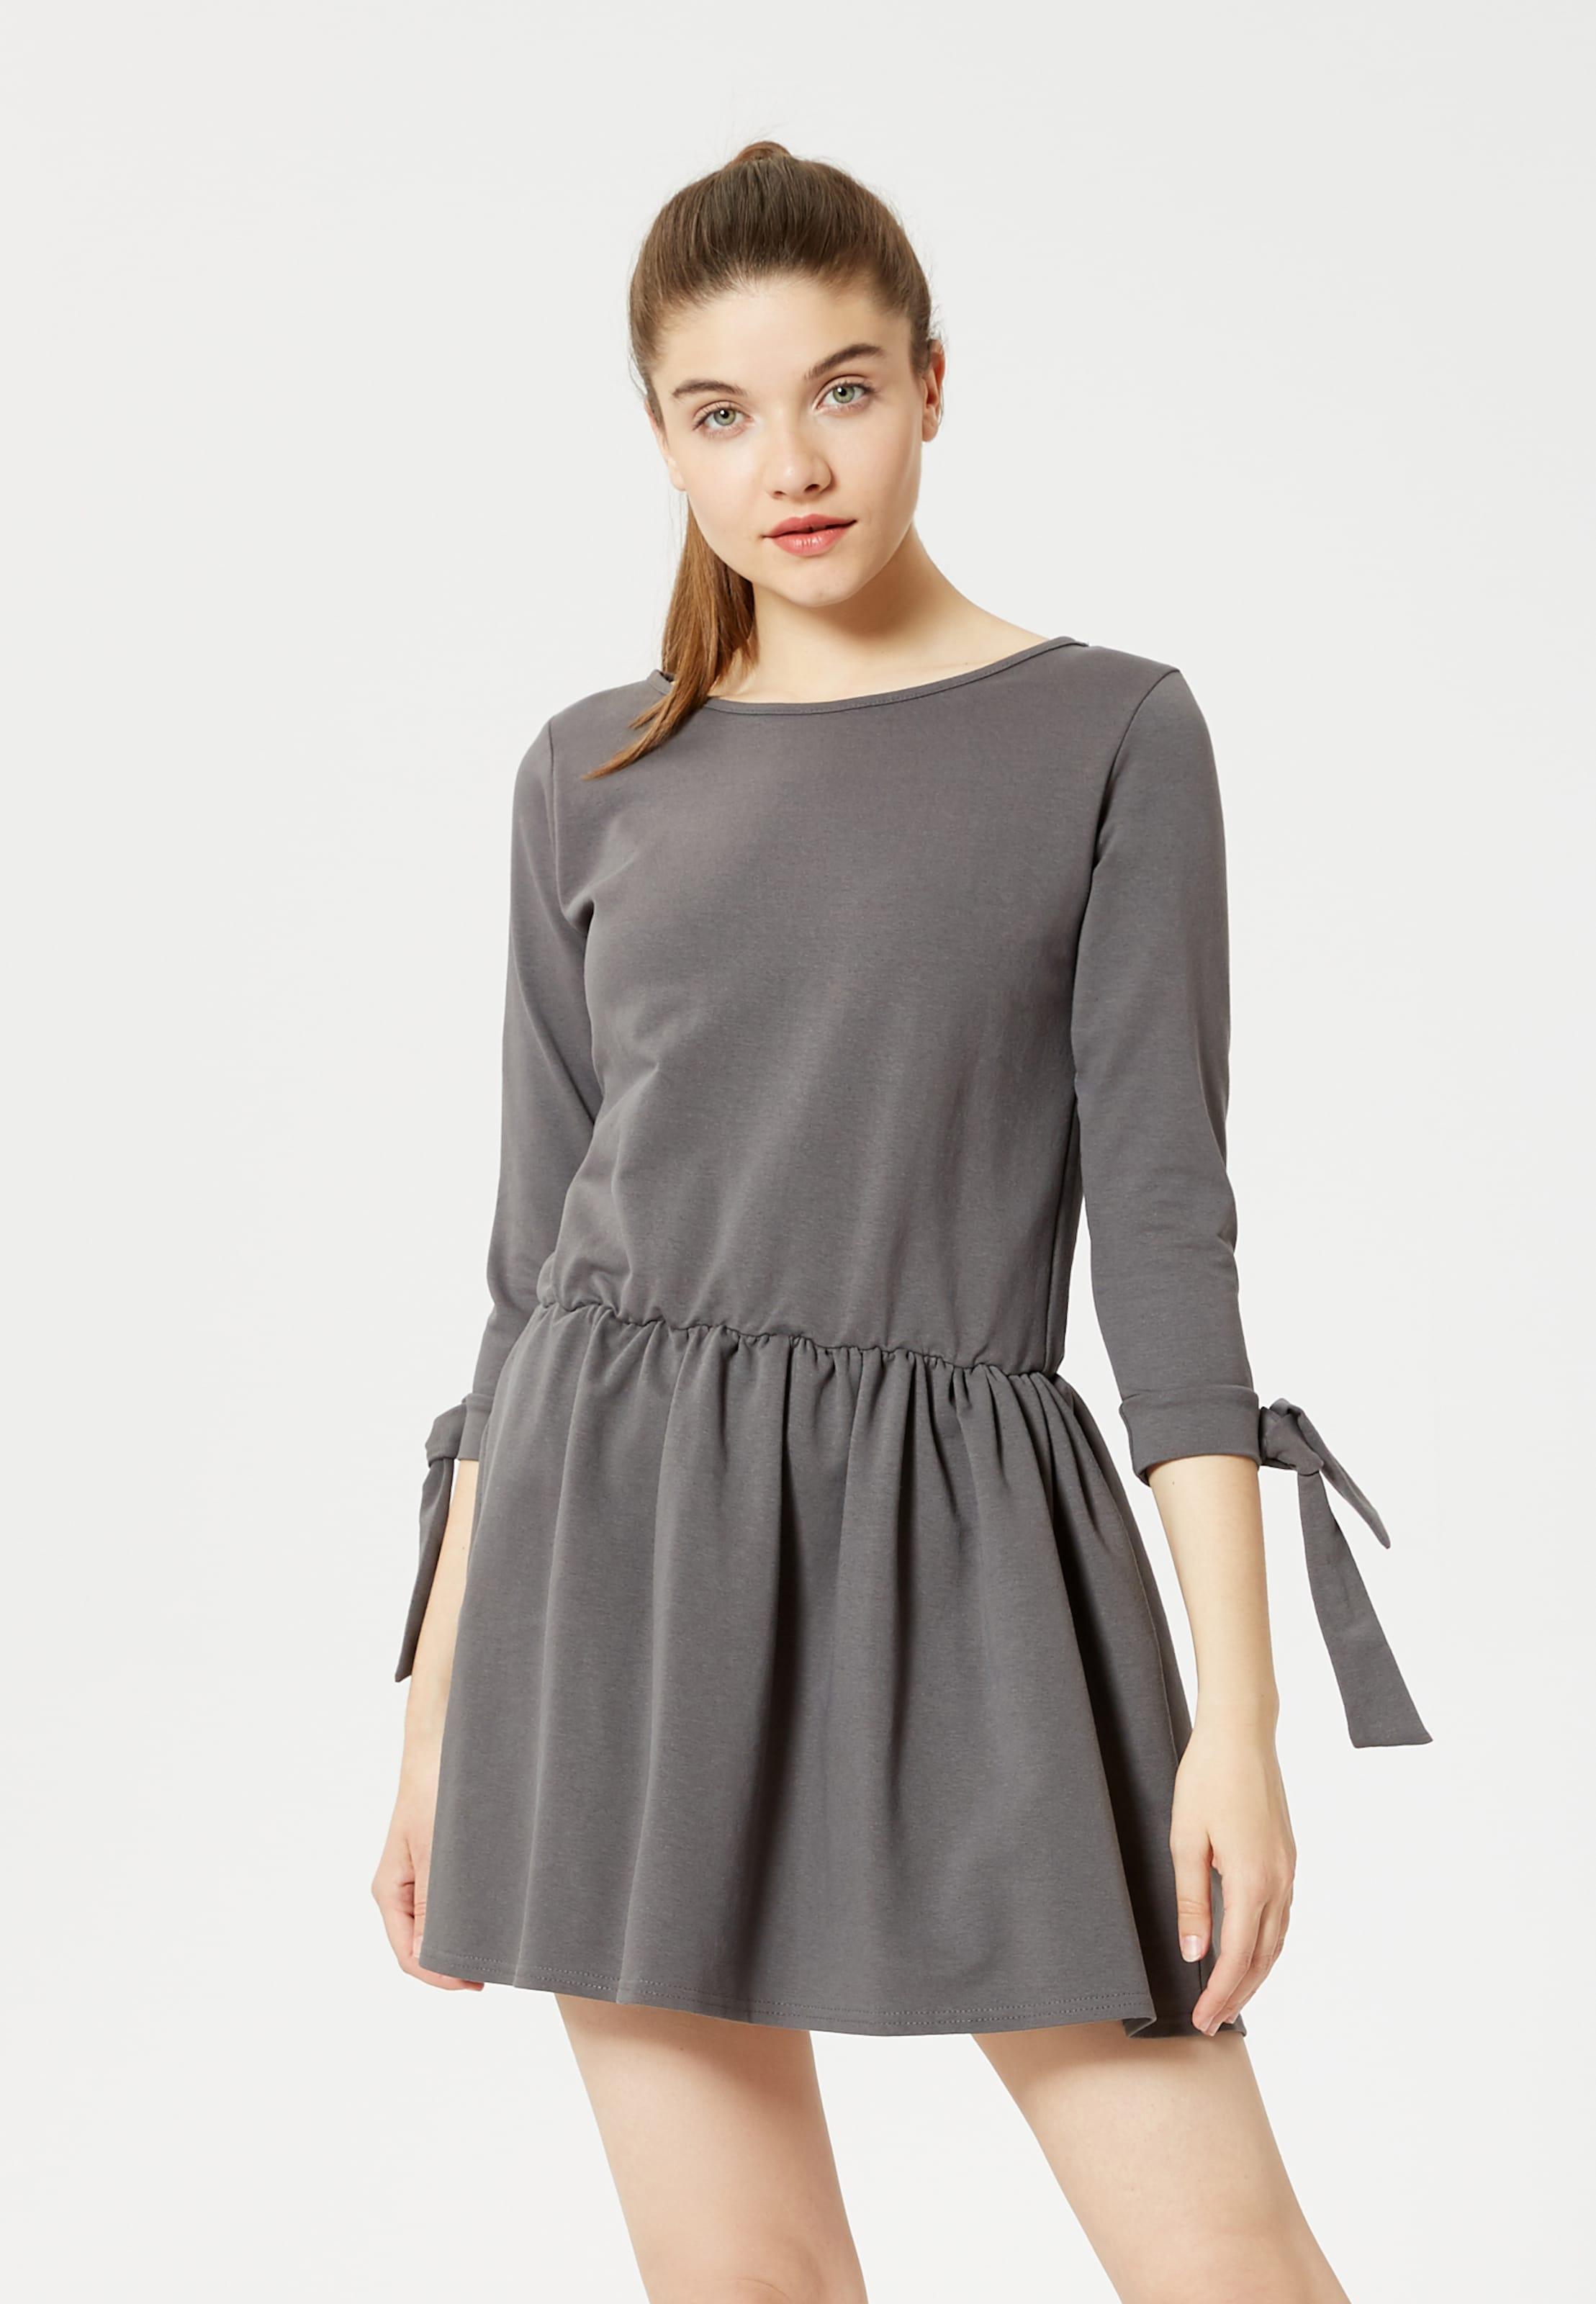 Kleid In Grau Kleid Talence In Talence Talence Grau In Grau Talence Kleid In Kleid uOPkXiZ